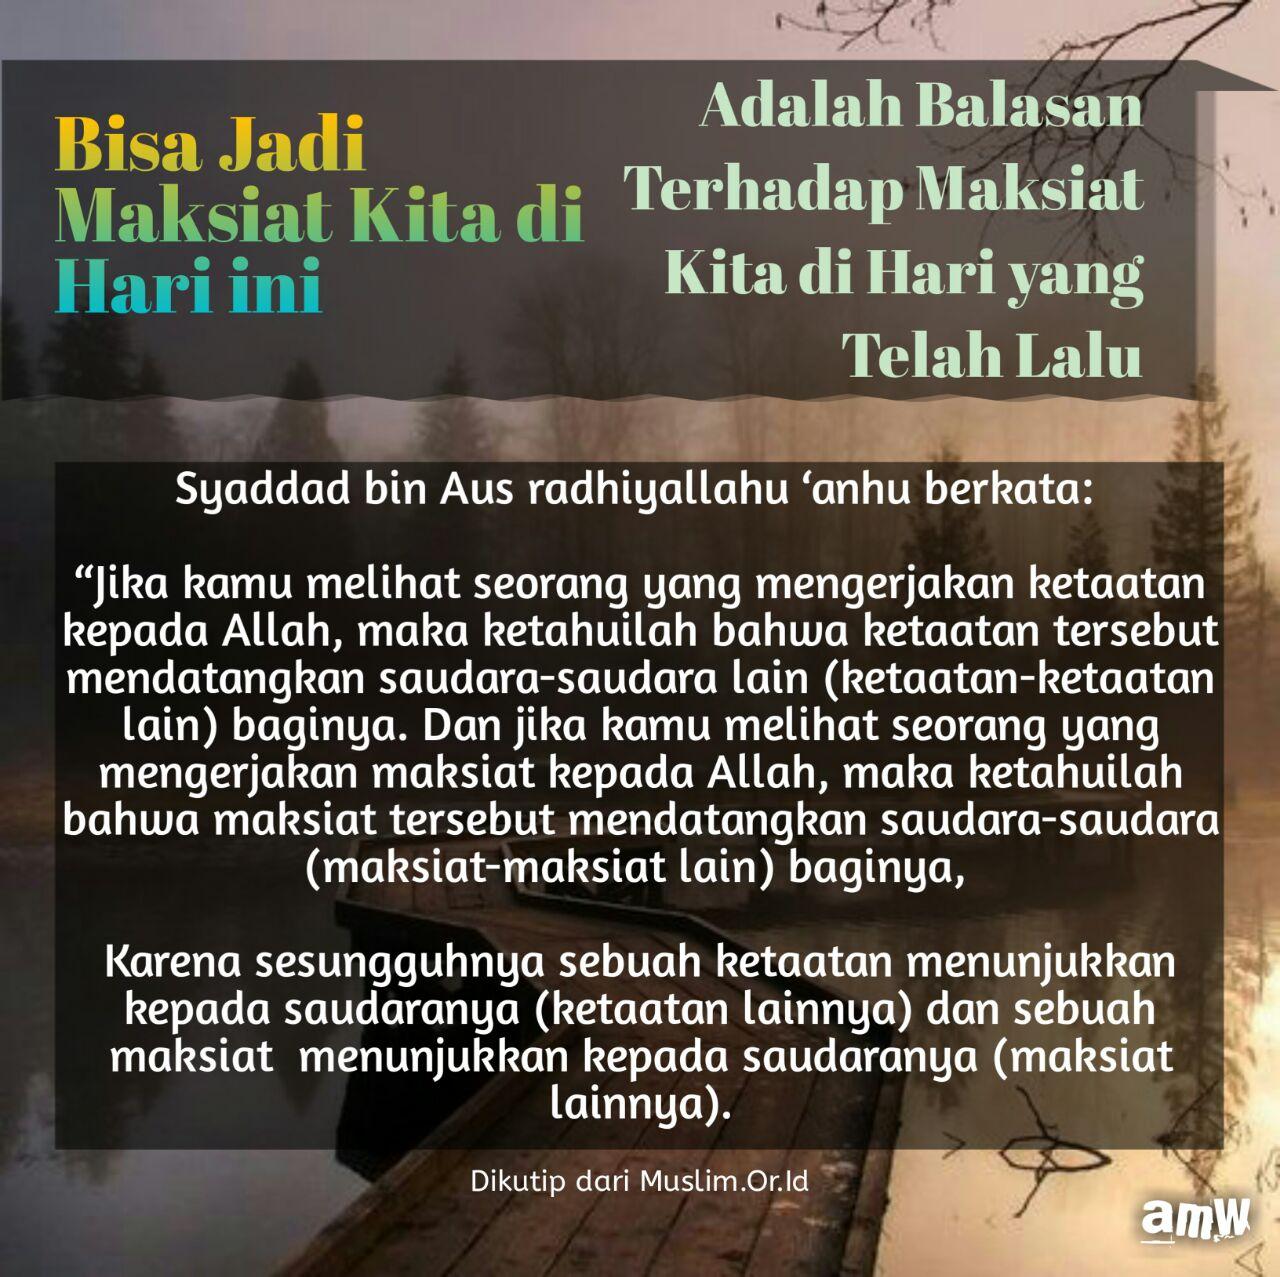 Ketika Kepercayaan 2: RUMAH BELANJA MUSLIM: Ketika Hati Condong Kepada Maksiat